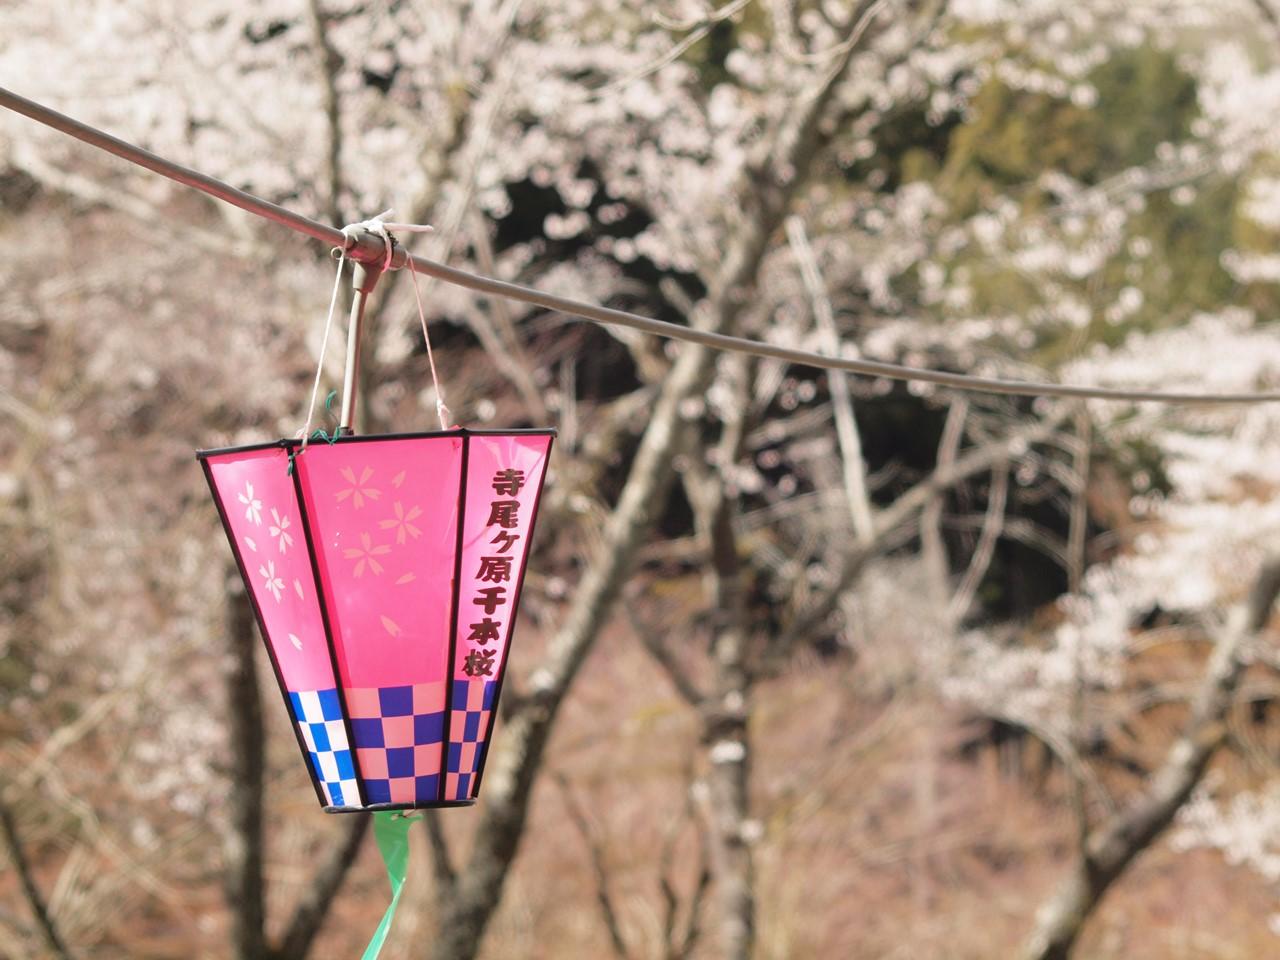 『寺尾ヶ原千本桜公園を歩いて』_d0054276_2057661.jpg